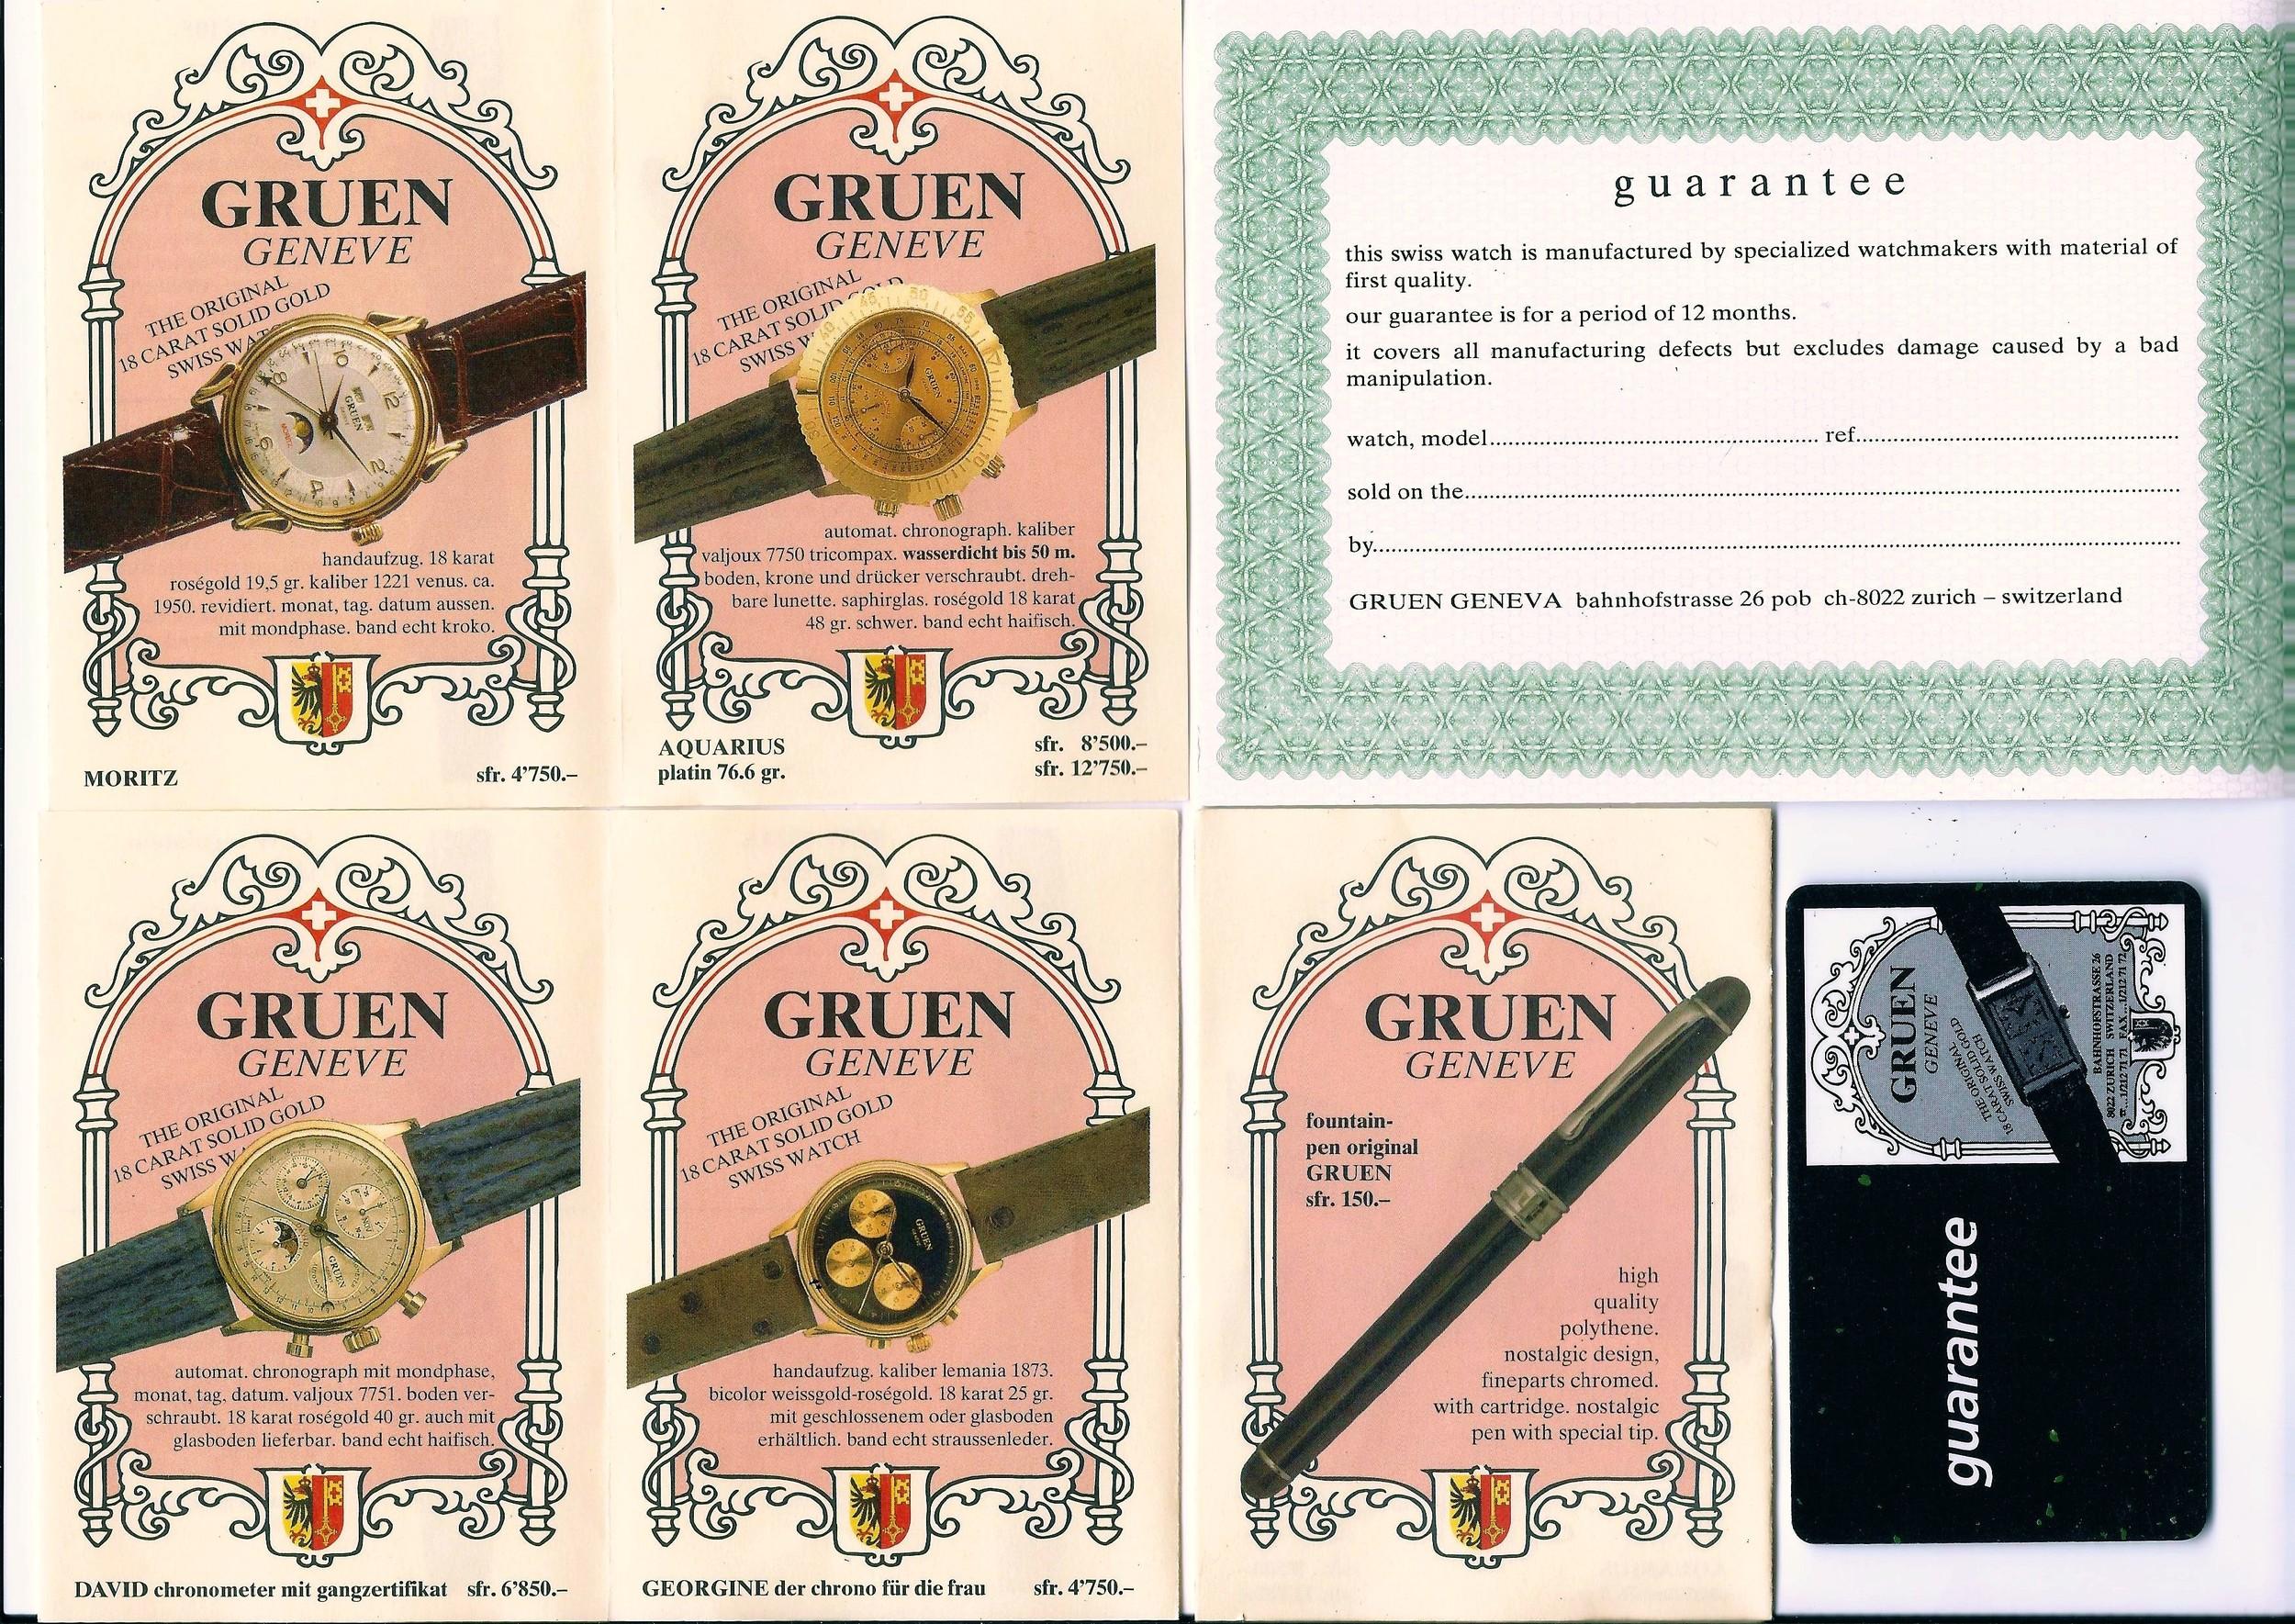 Photo Ingeborg Bechtoldt DGS Glashuette i. Sa. GmbH : Werbung der GRUEN GENEVE SA 2000 über Zürich/CH Marketing